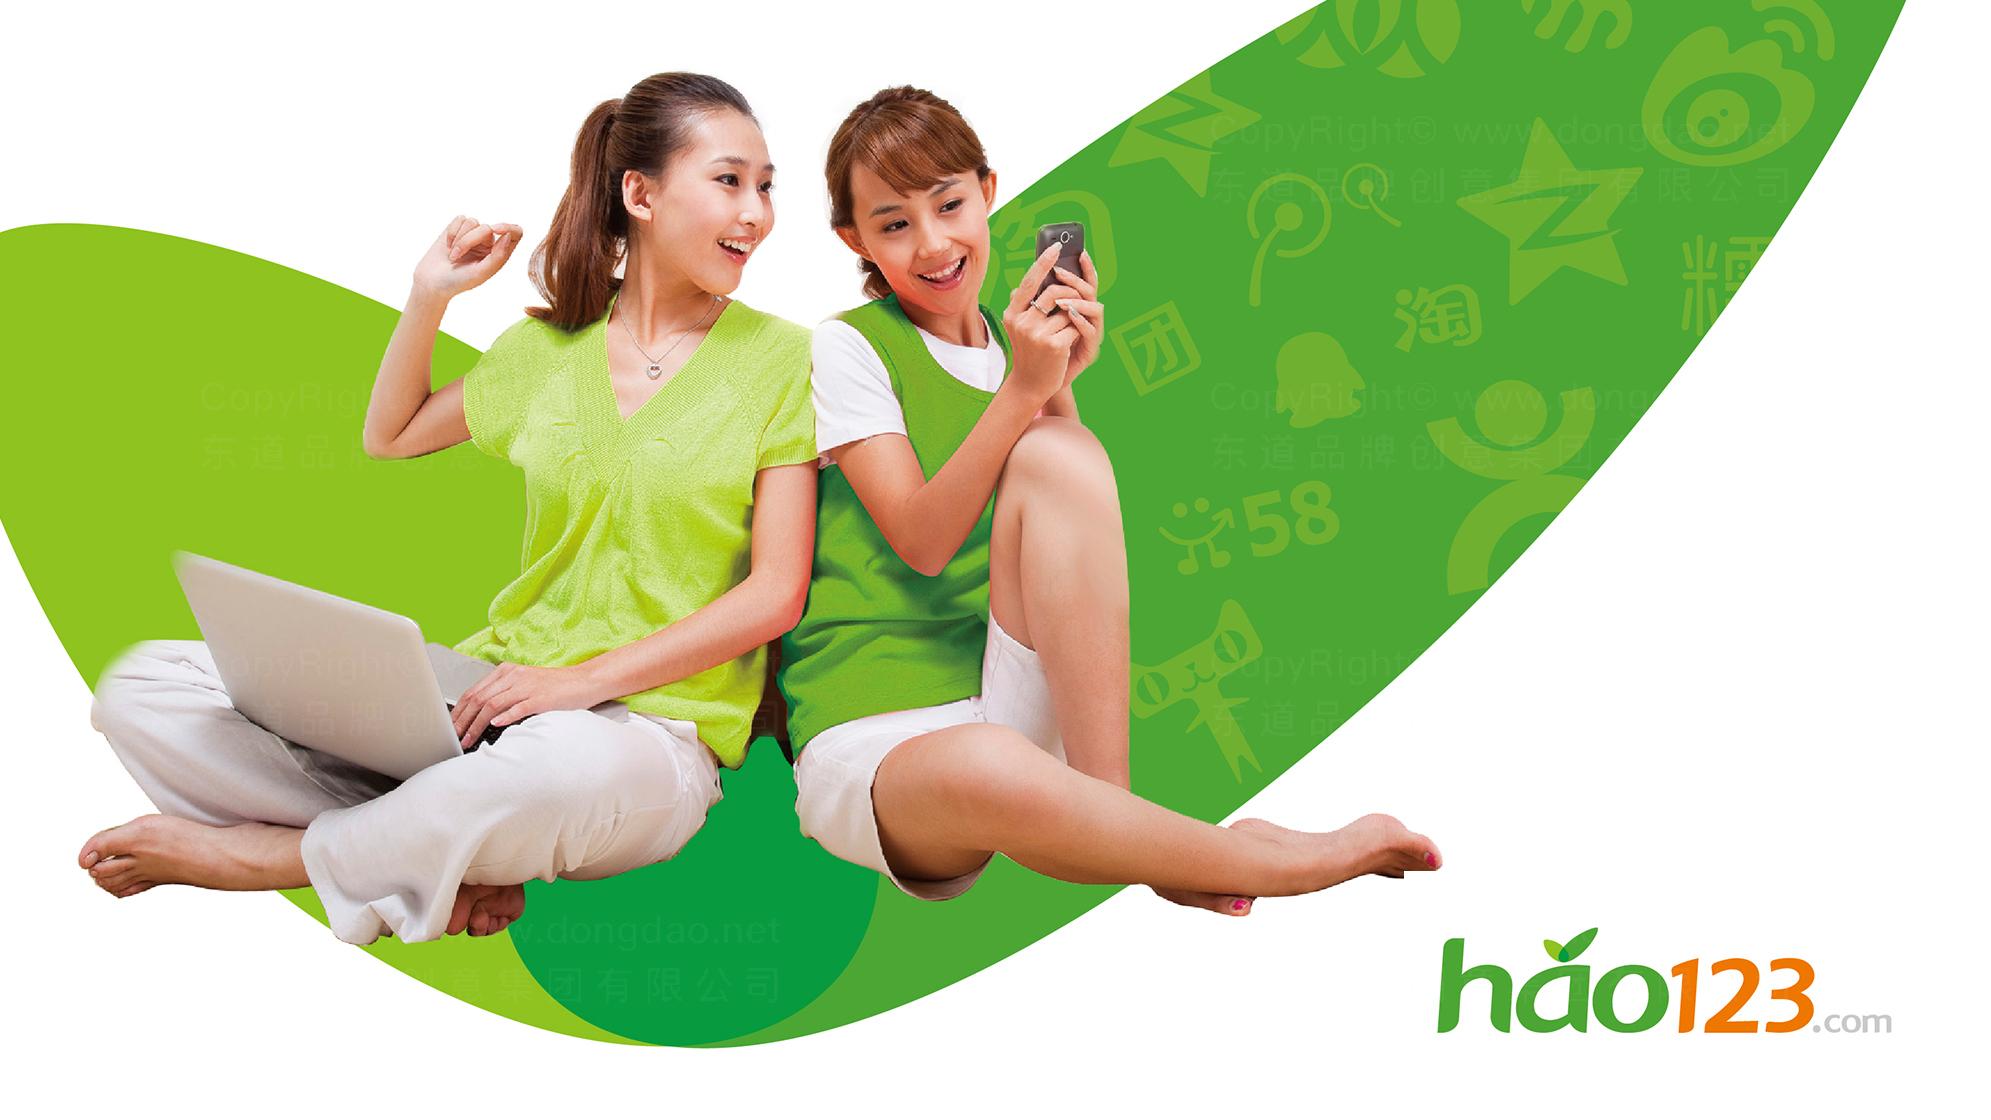 品牌设计hao123LOGO&VI设计应用